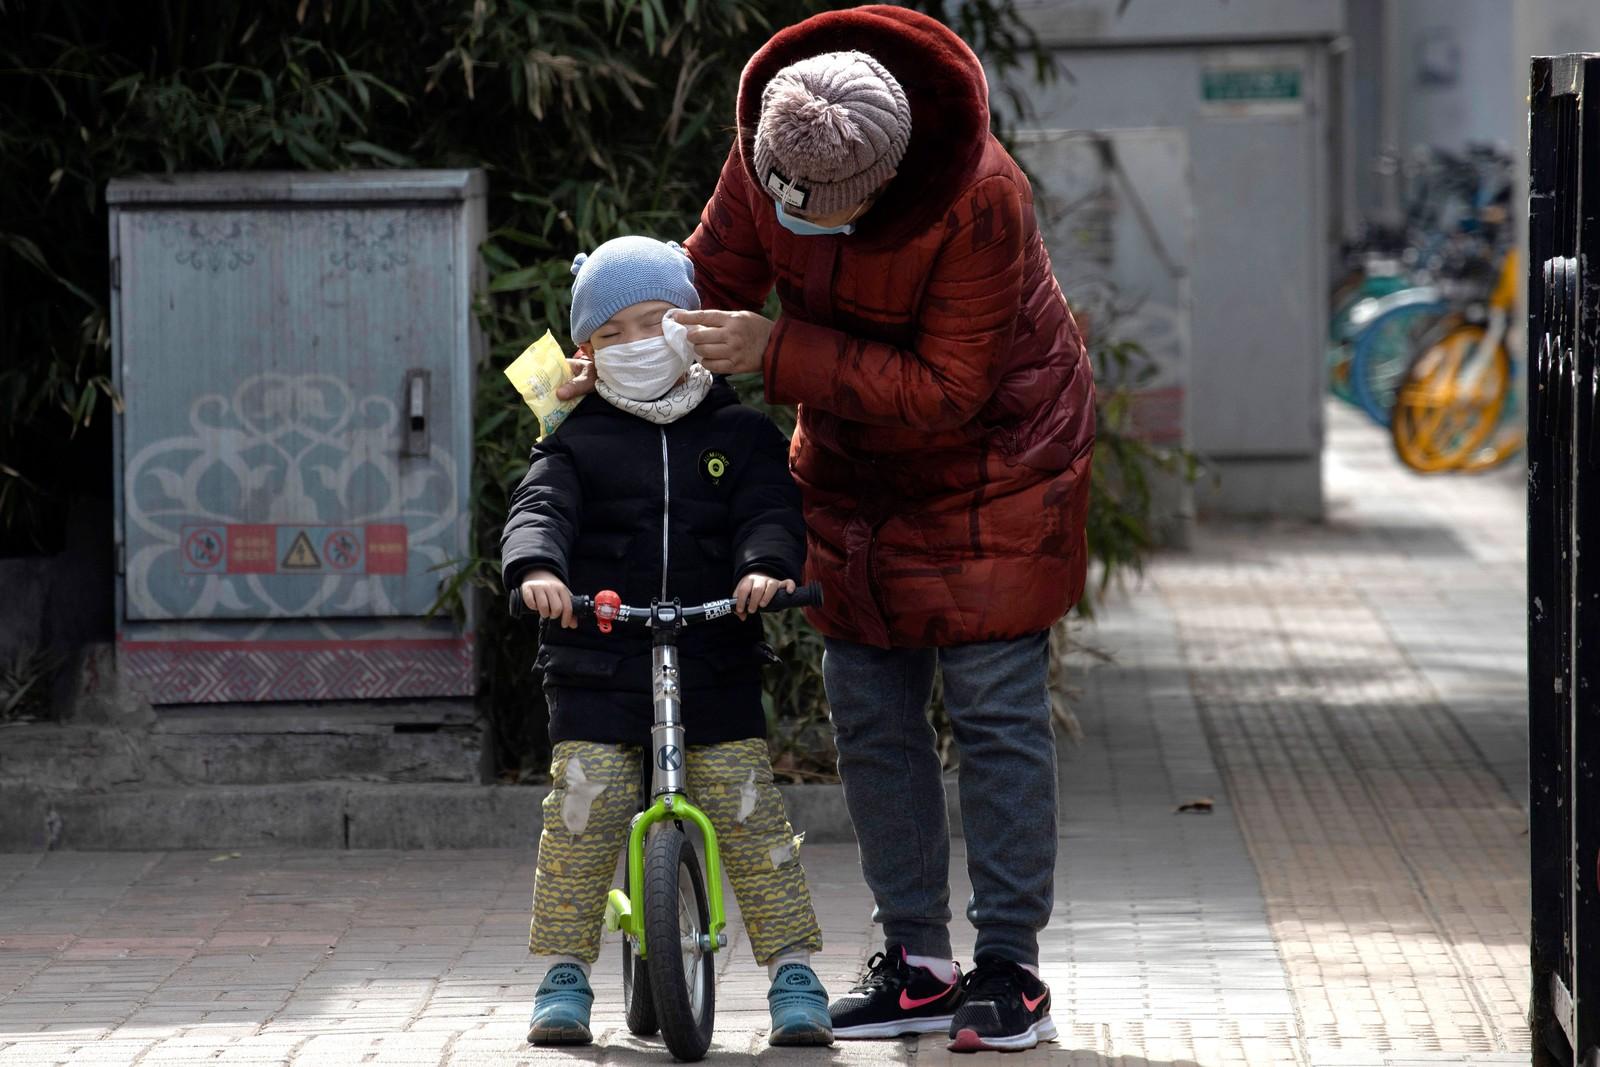 Mulher limpa o rosto de uma criança com um lenço nas ruas de Pequim, na China